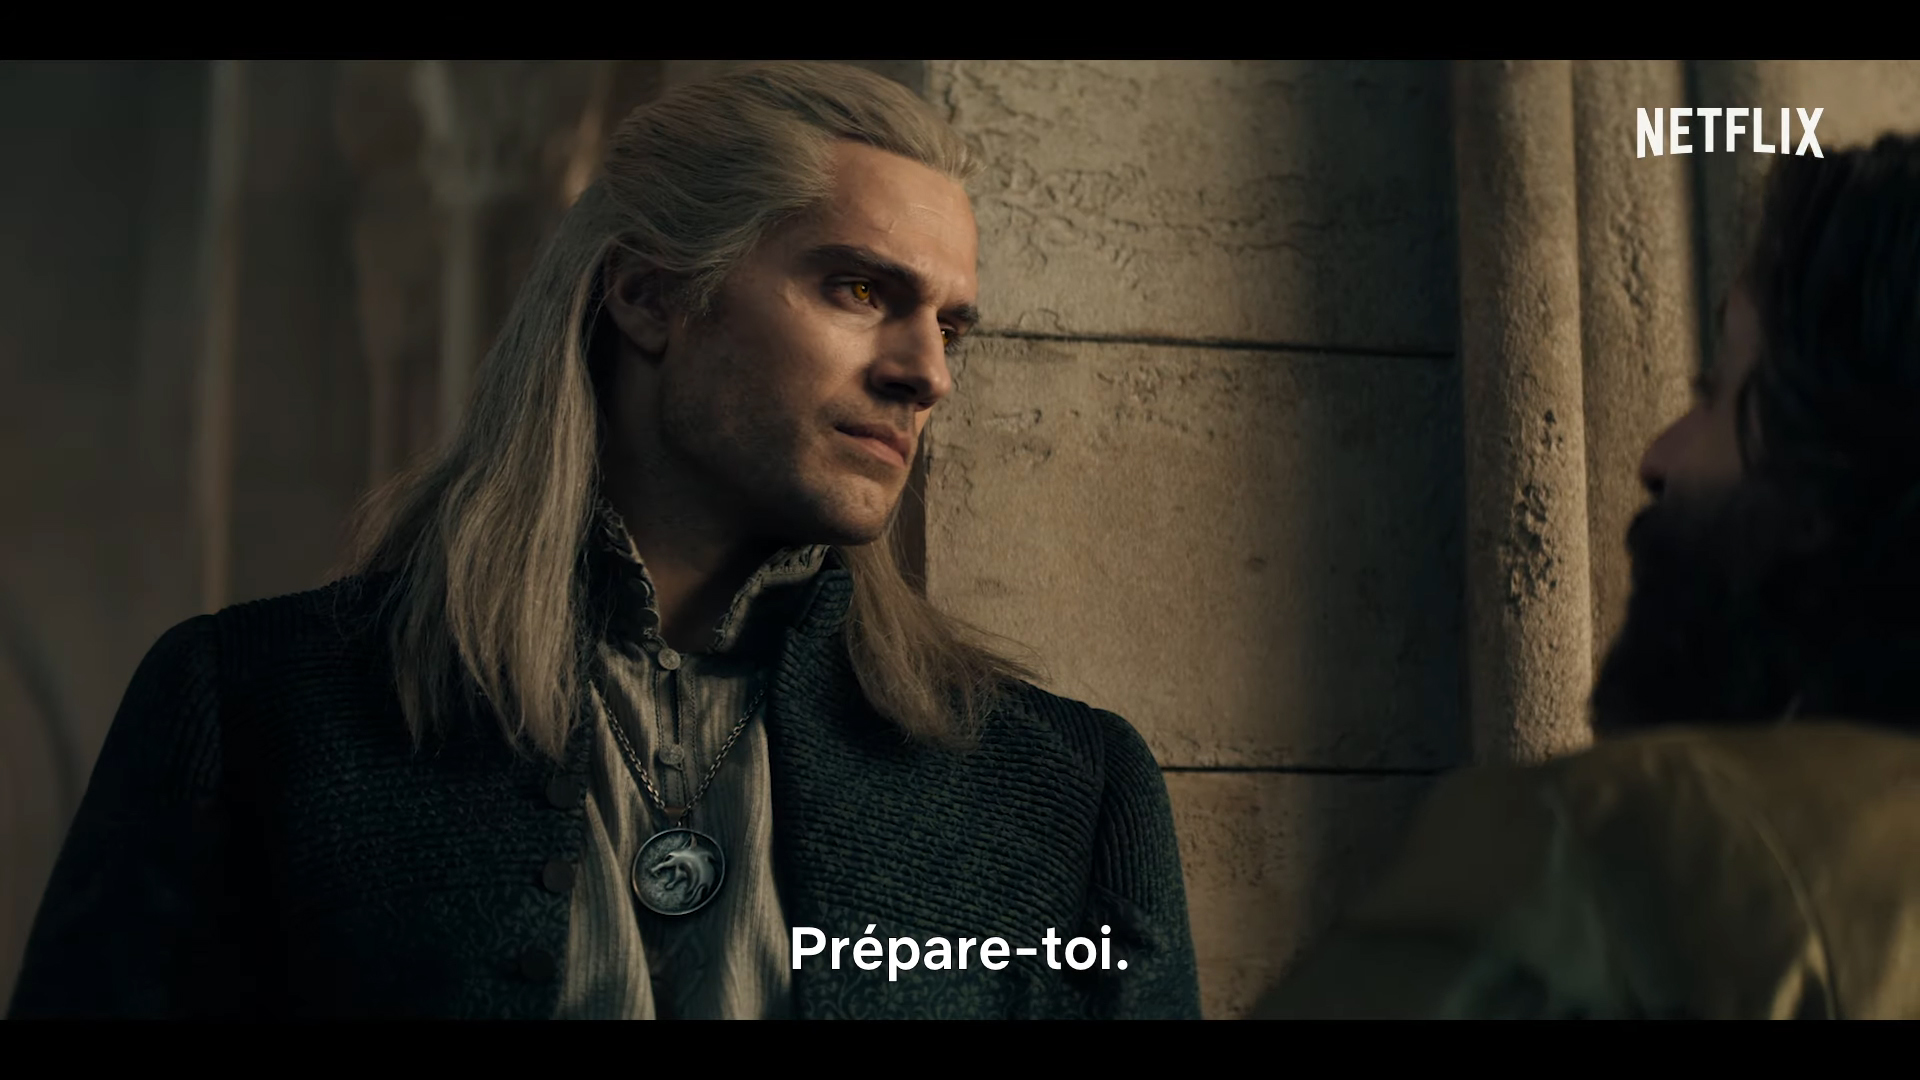 Netflix dévoile la première bande-annonce de sa série The Witcher